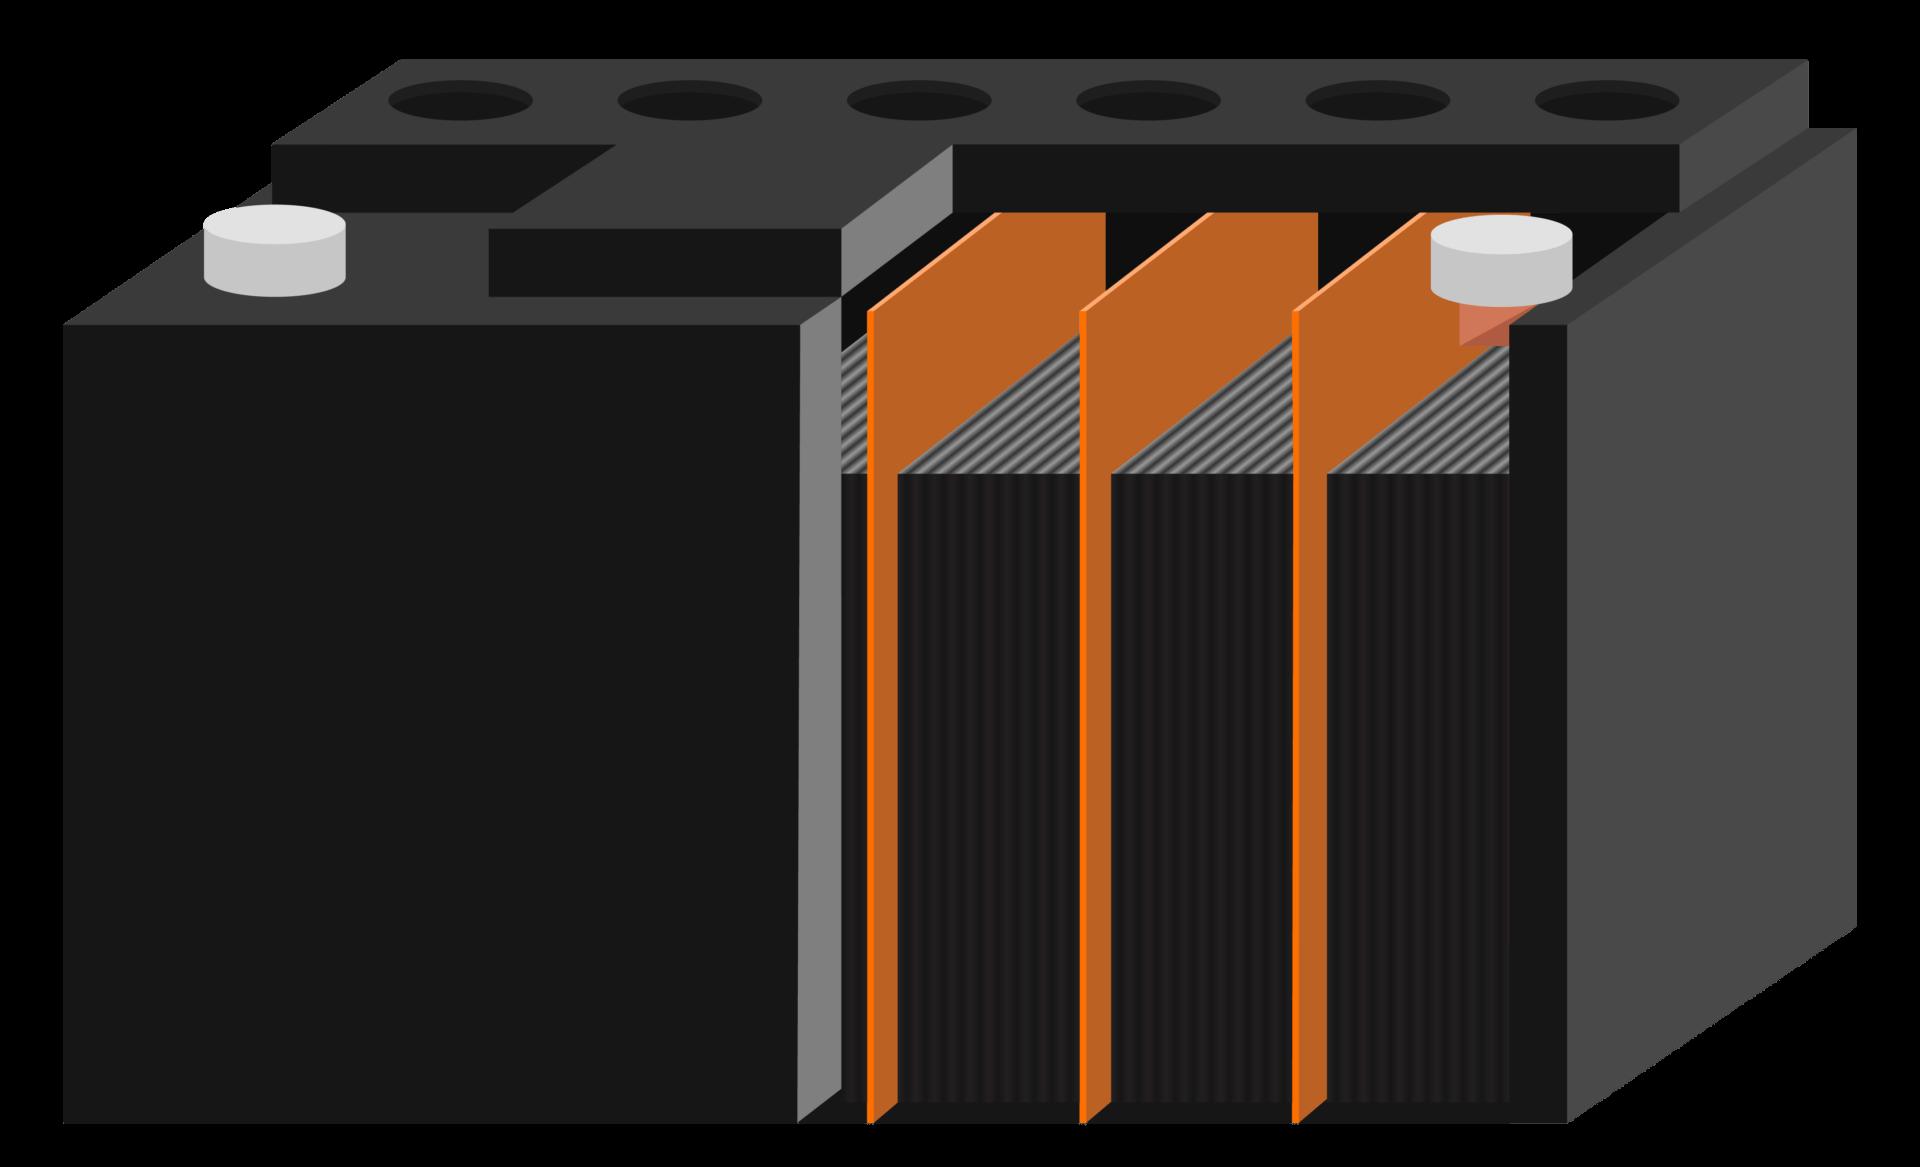 batterytesterillustrationnowater-03.png